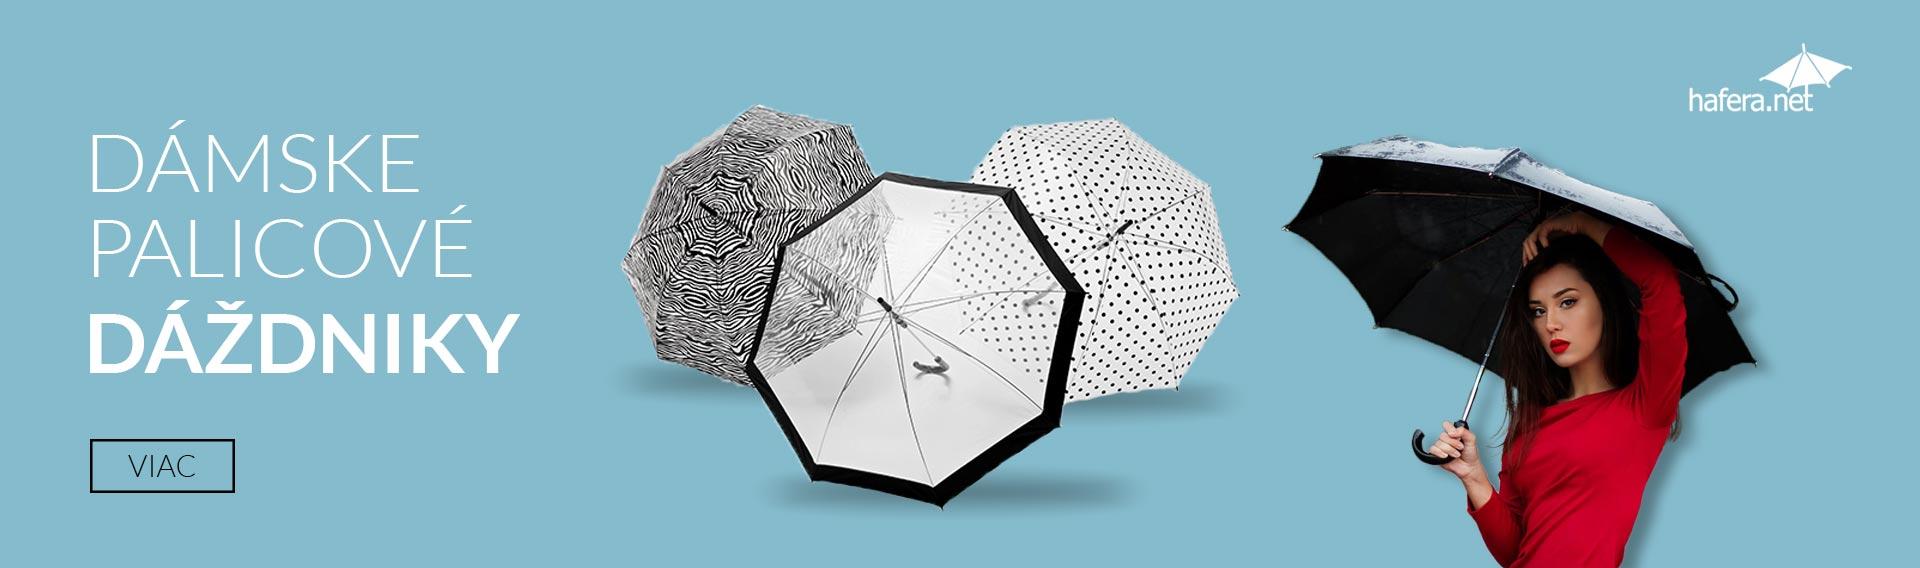 Dámske palicové dáždniky